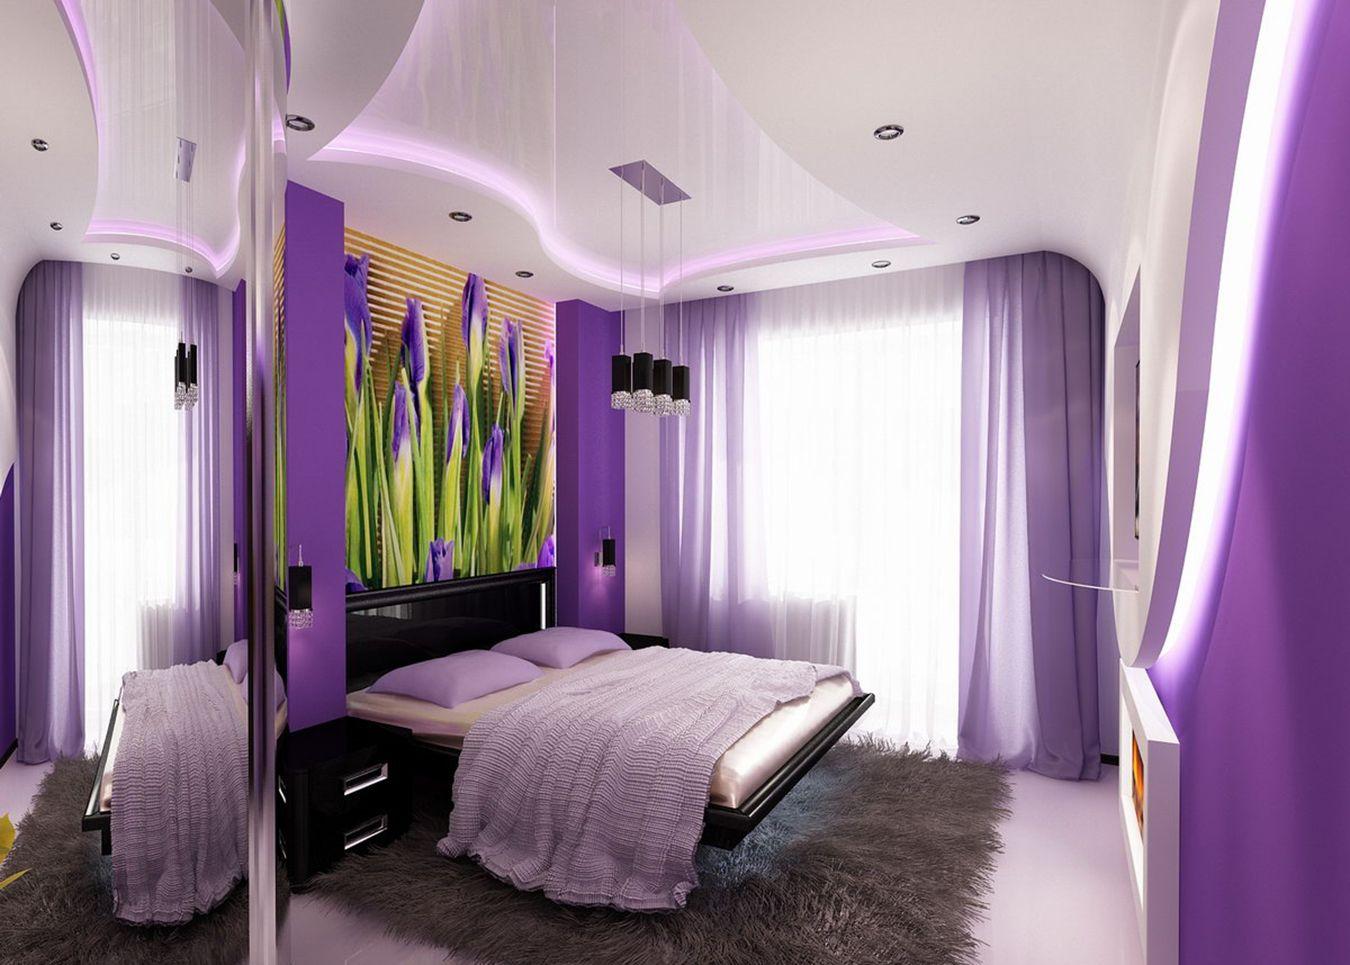 Как подобрать дизайн интерьера спальни